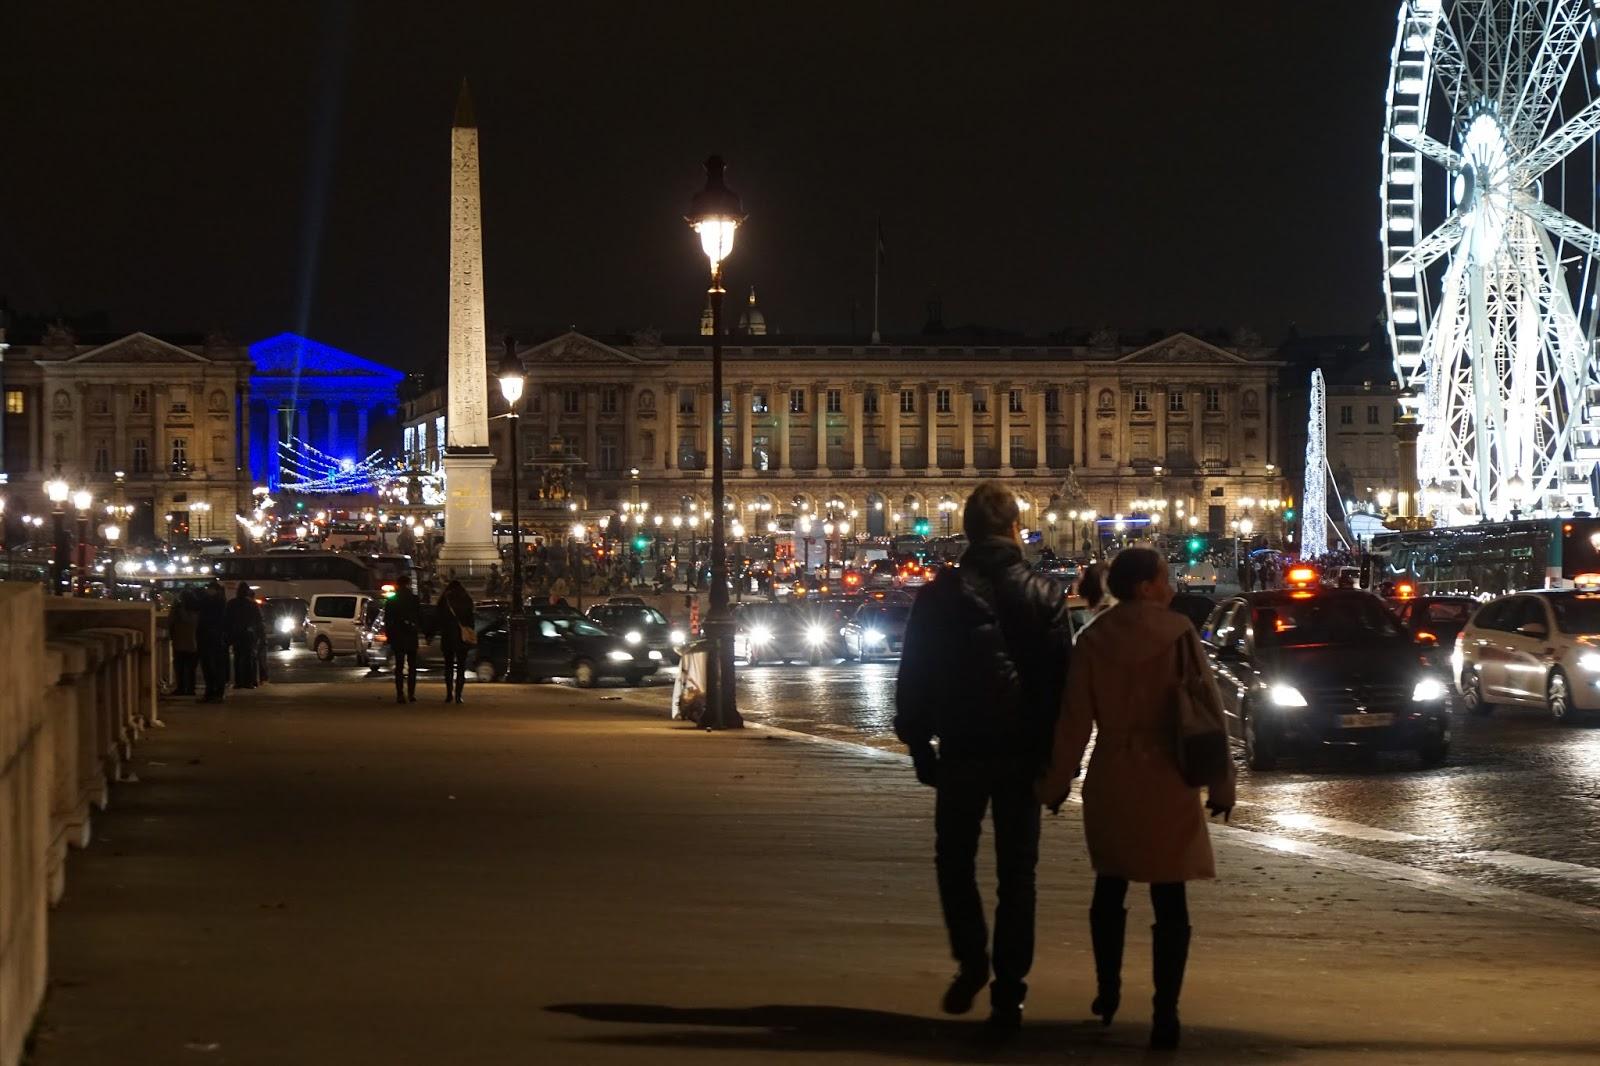 コンコルド橋(Pont de la Concorde)から  コンコルド広場(Place de la Concorde)を眺める